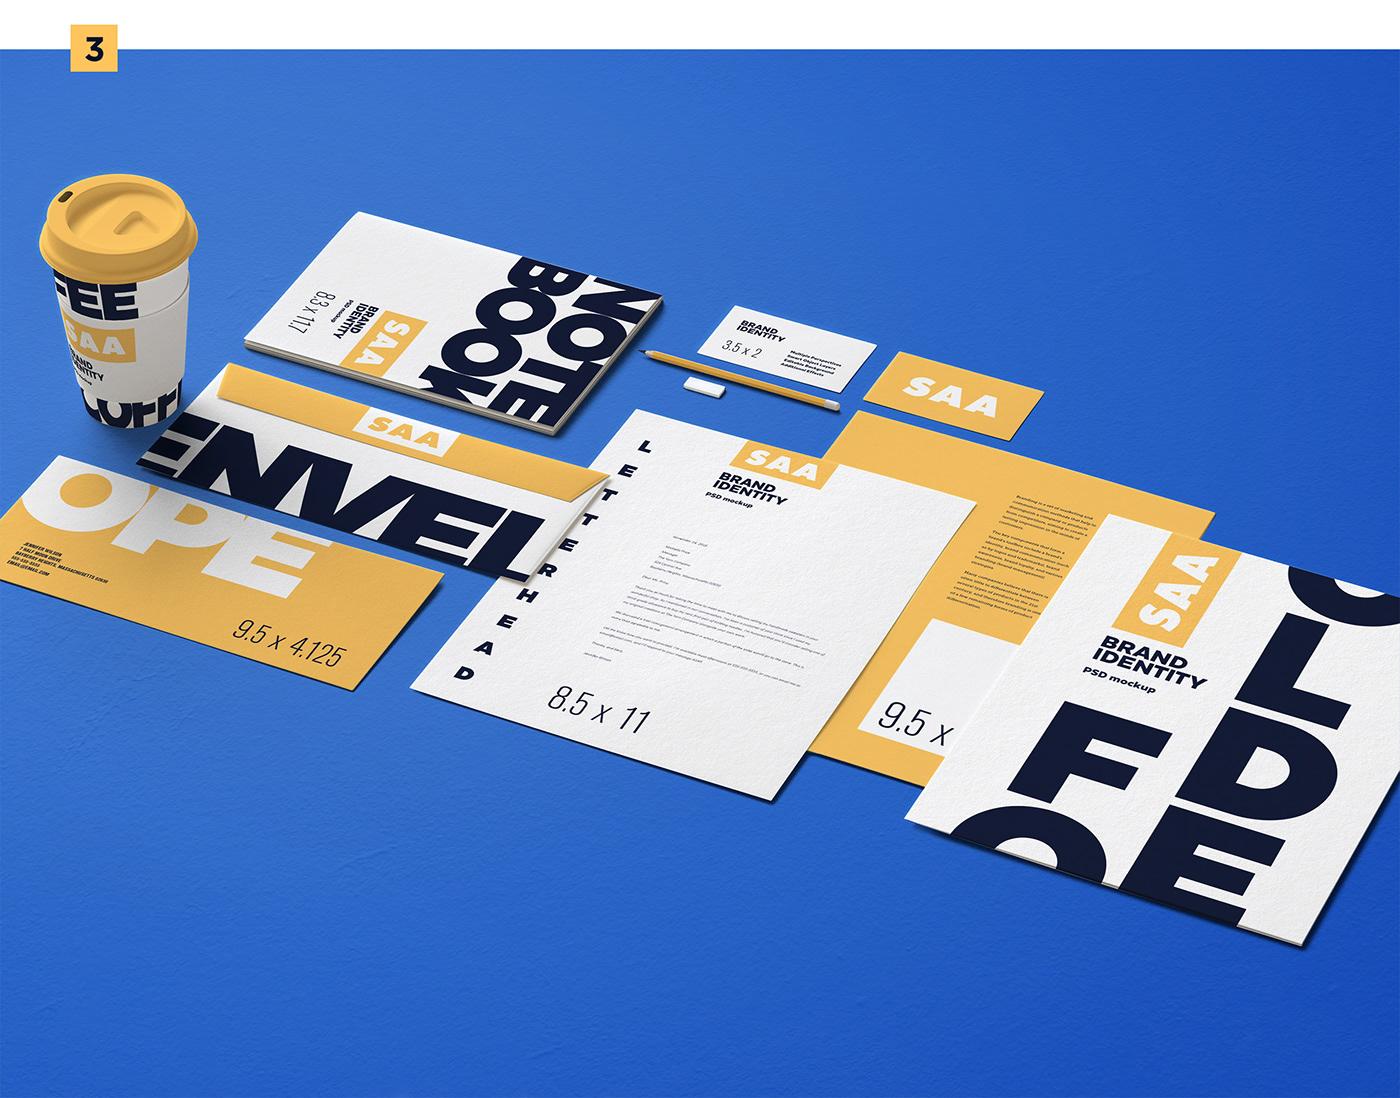 psd psd mockup Stationery Corporate Identity branding  Mockup